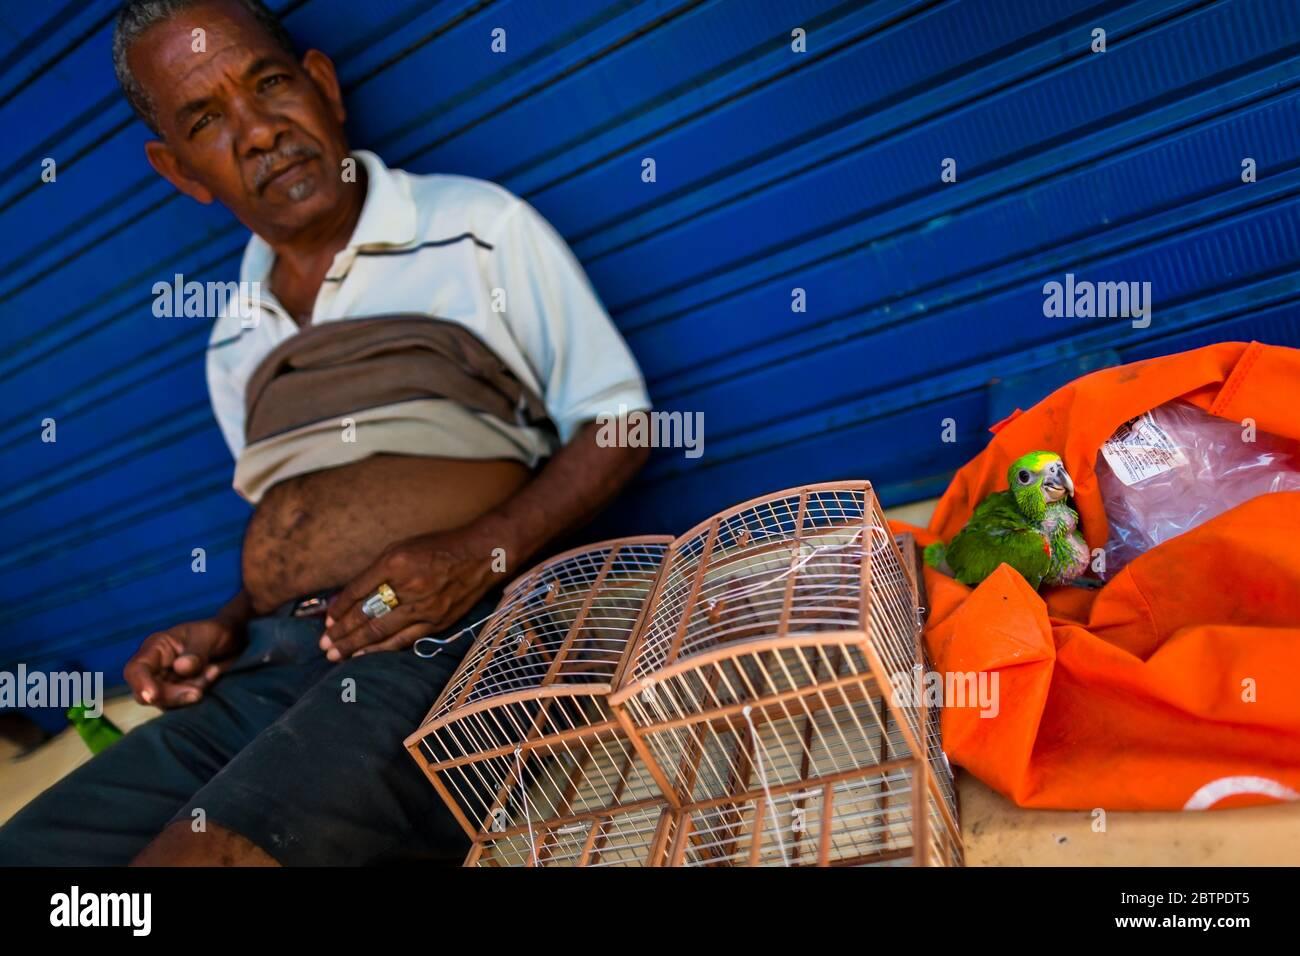 Un vendeur d'oiseaux colombien propose un perroquet amazonien en vente sur le marché des oiseaux de Carthagène, en Colombie. Banque D'Images